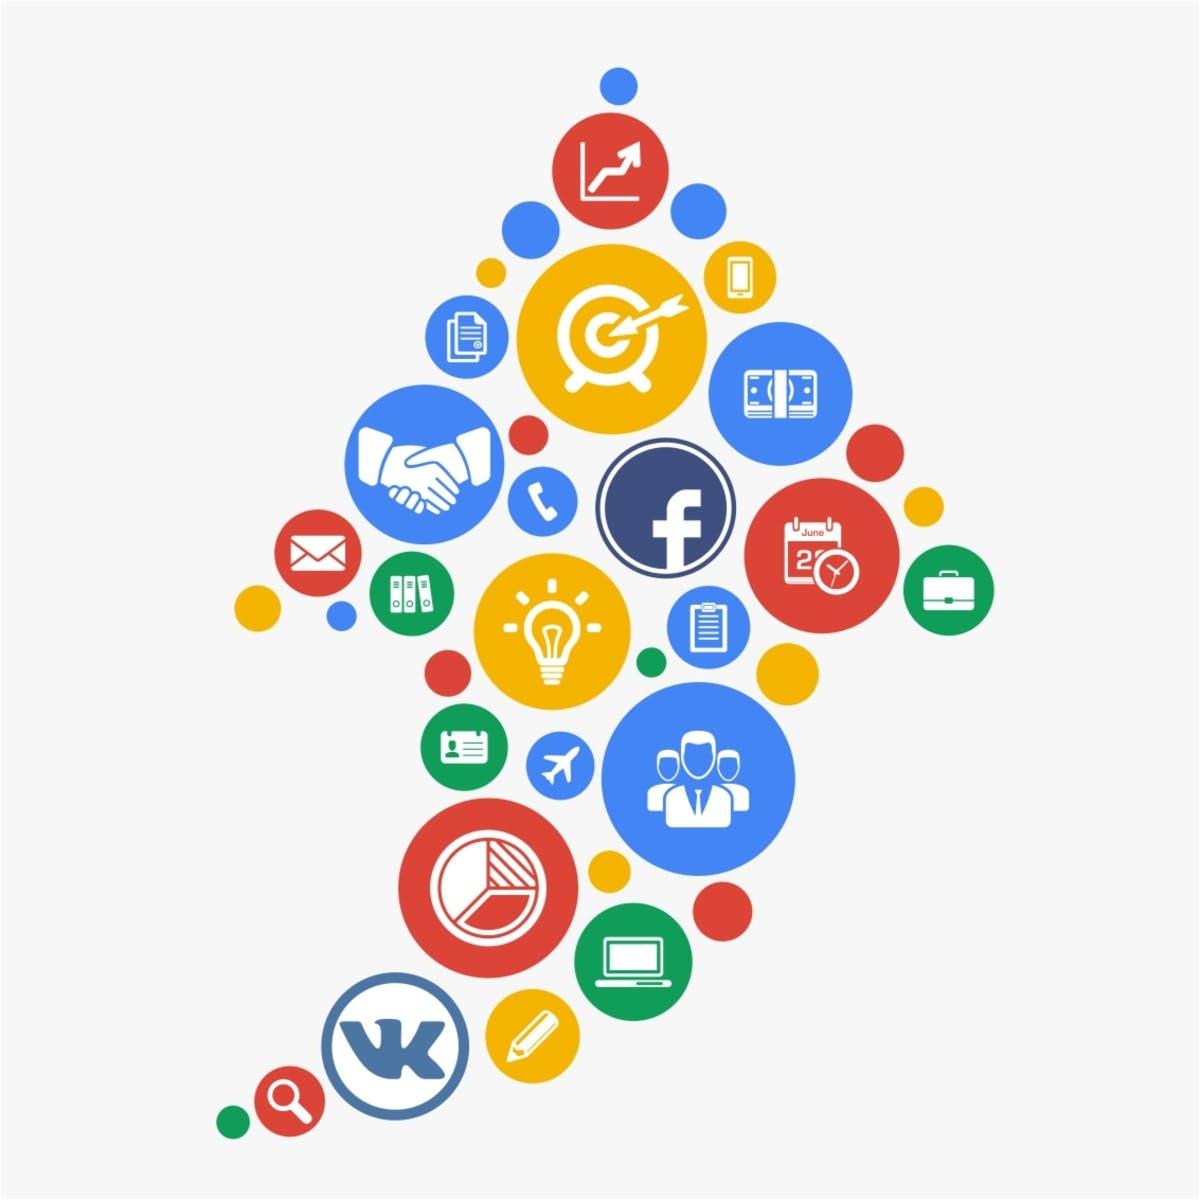 Маркетинговая стратегия в digital среде (Digital marketing strategy)